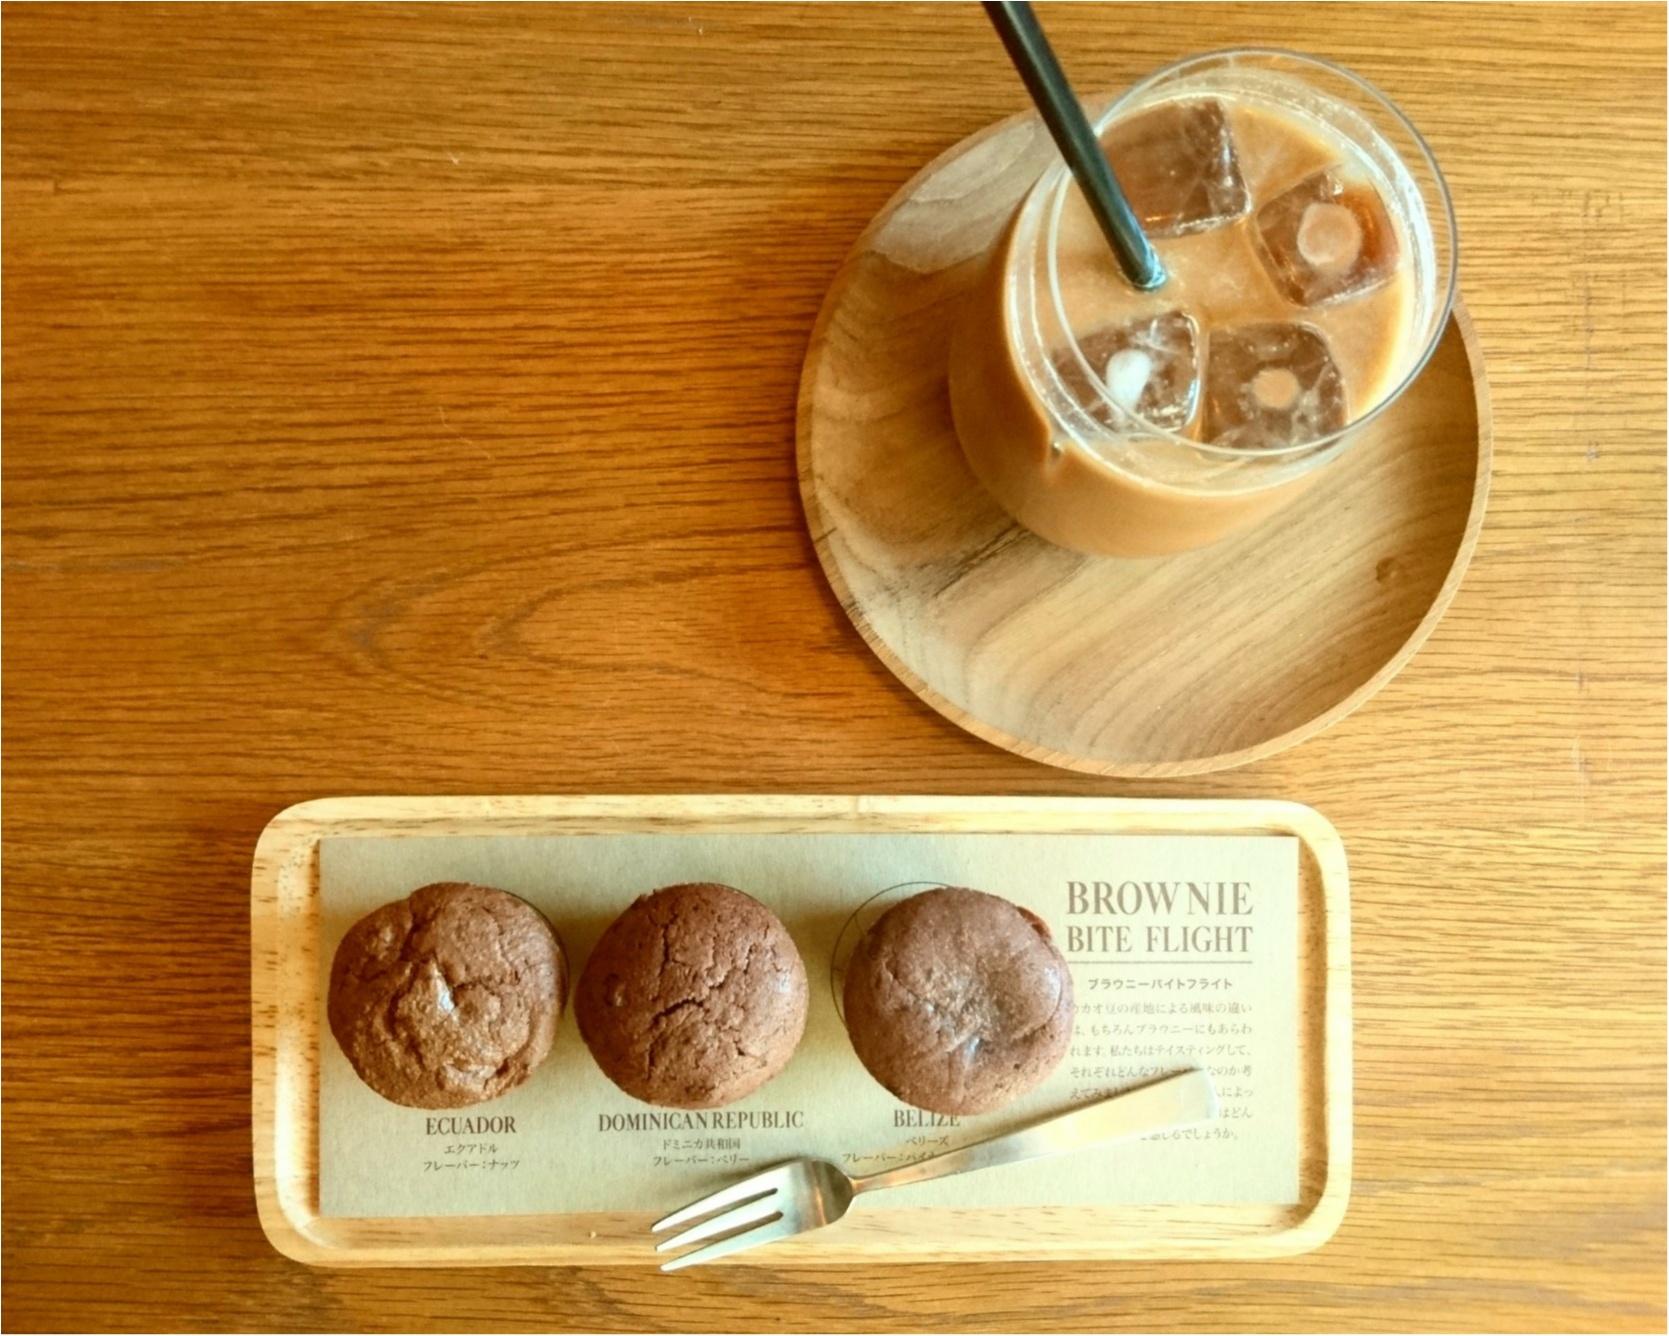 【しの散歩】バレンタイン目前!本格的なカカオ豆を楽しむなら ♪《 bean to bar チョコレート専門店 》プレゼントはもちろん、カフェの利用もおすすめ◎_8